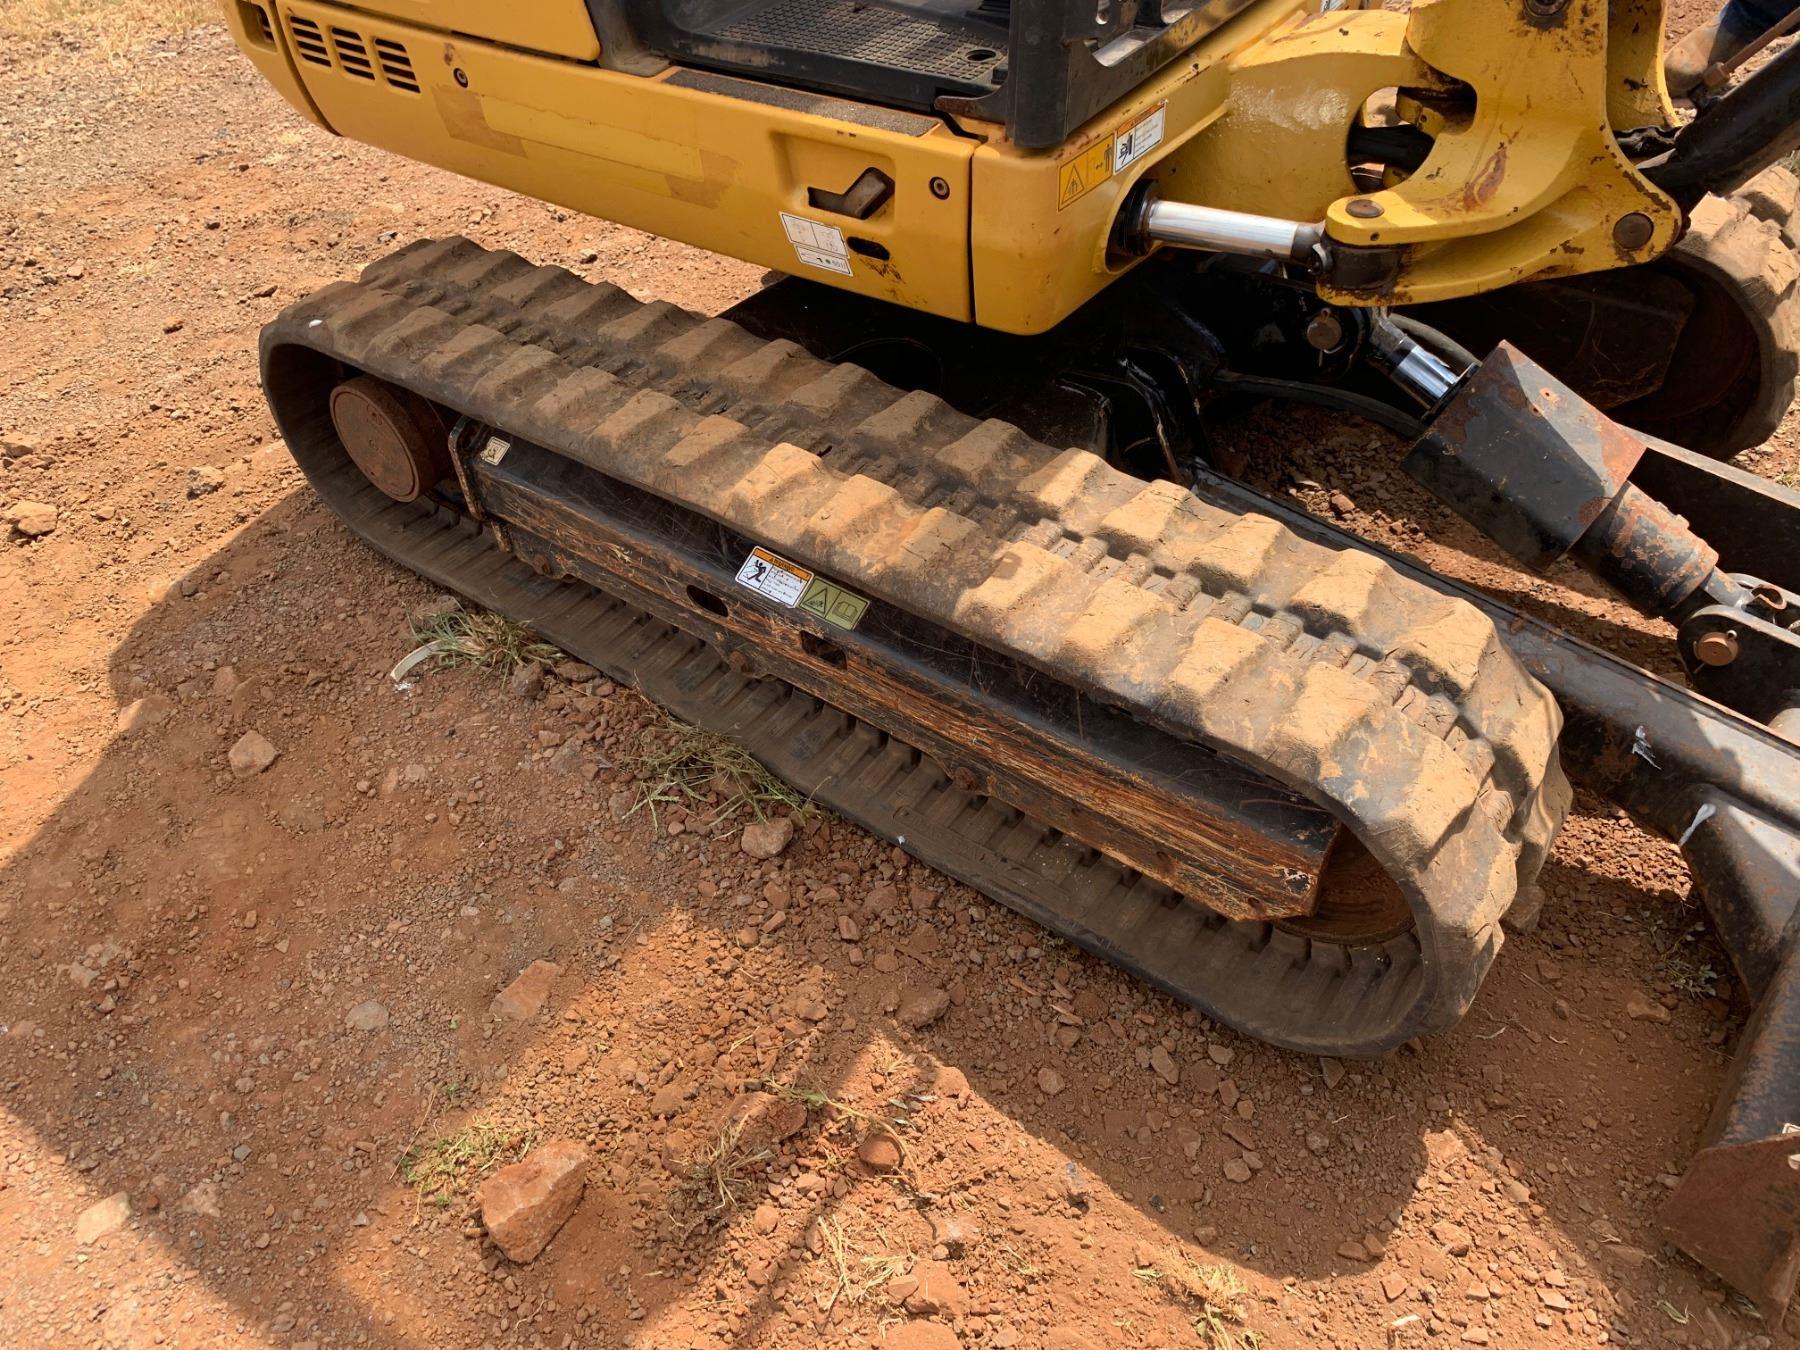 Lanai 2013 Cat 302 4d Mini Excavator  2168 Hours  Runs